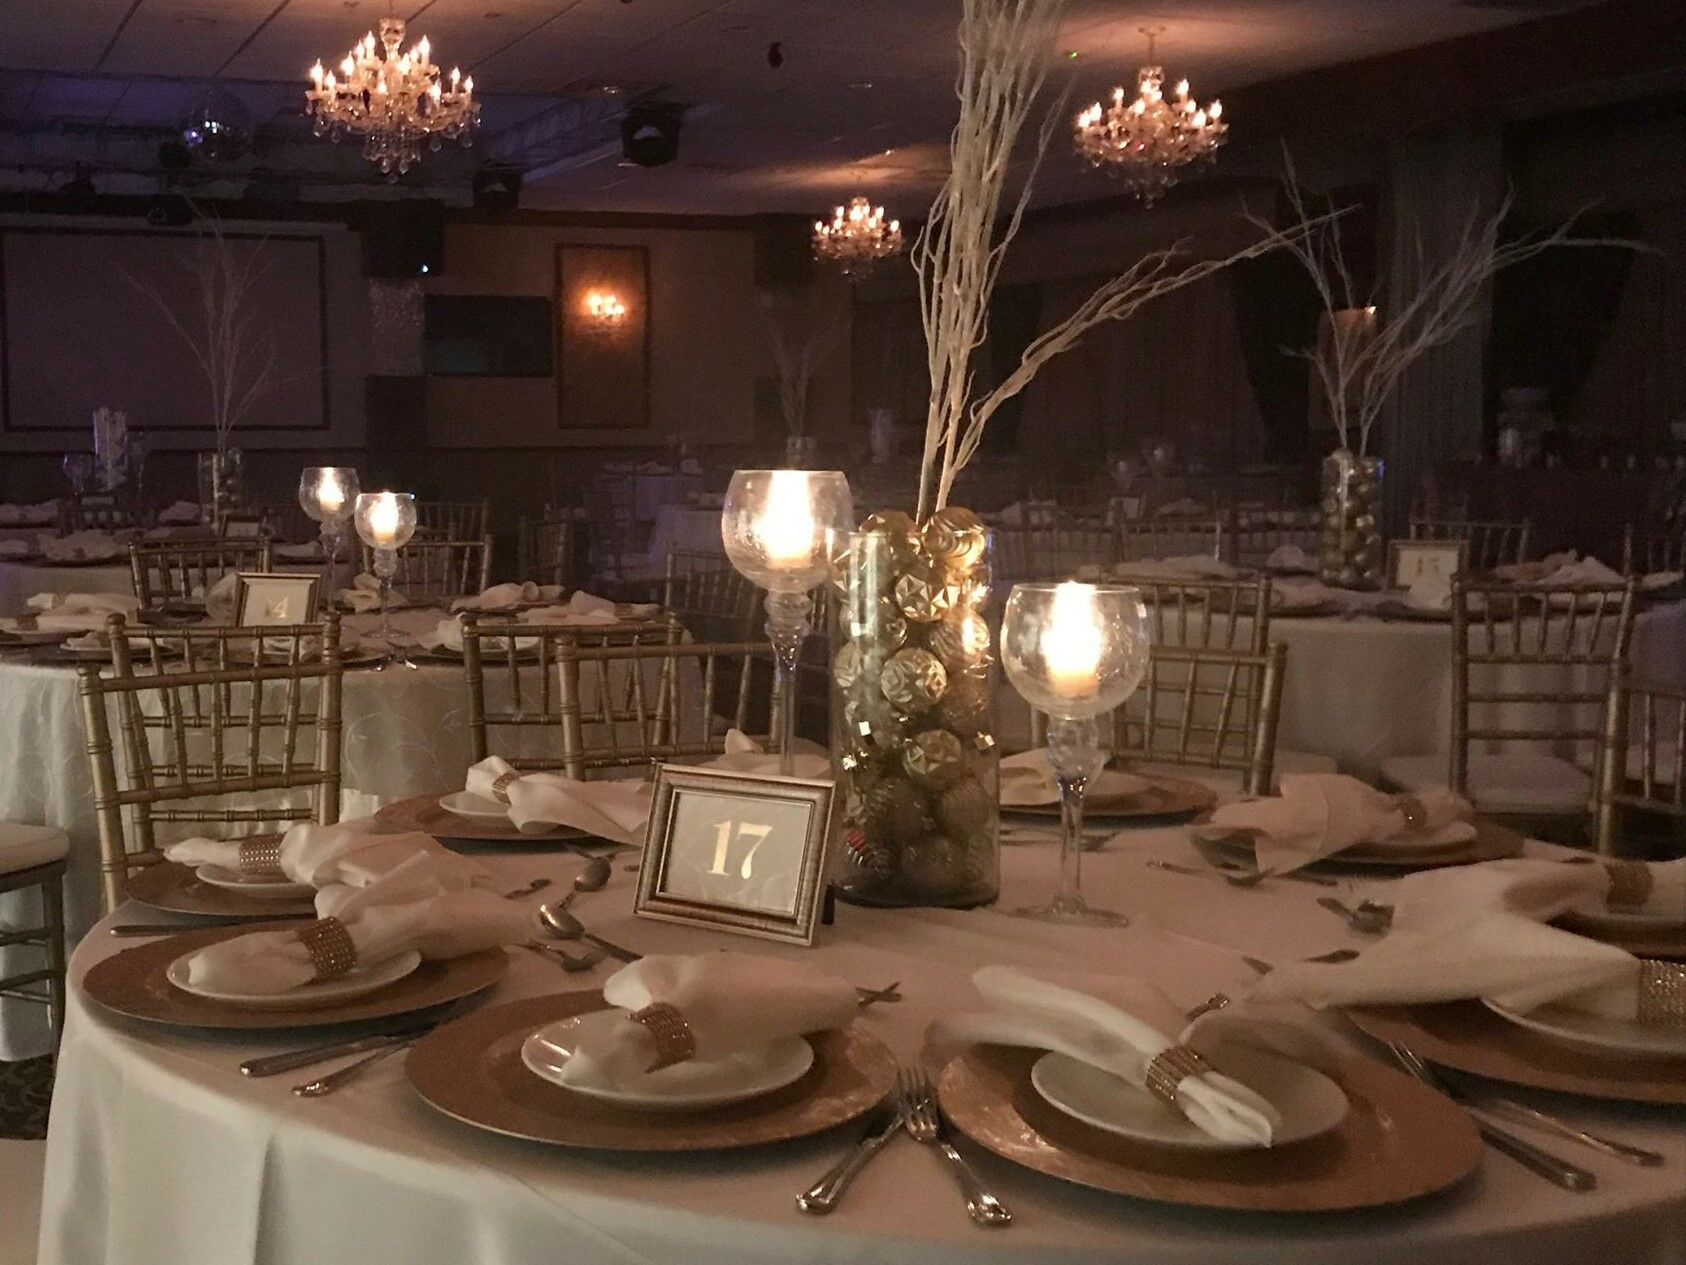 Wedding Reception Venues in Miami, FL - The Knot